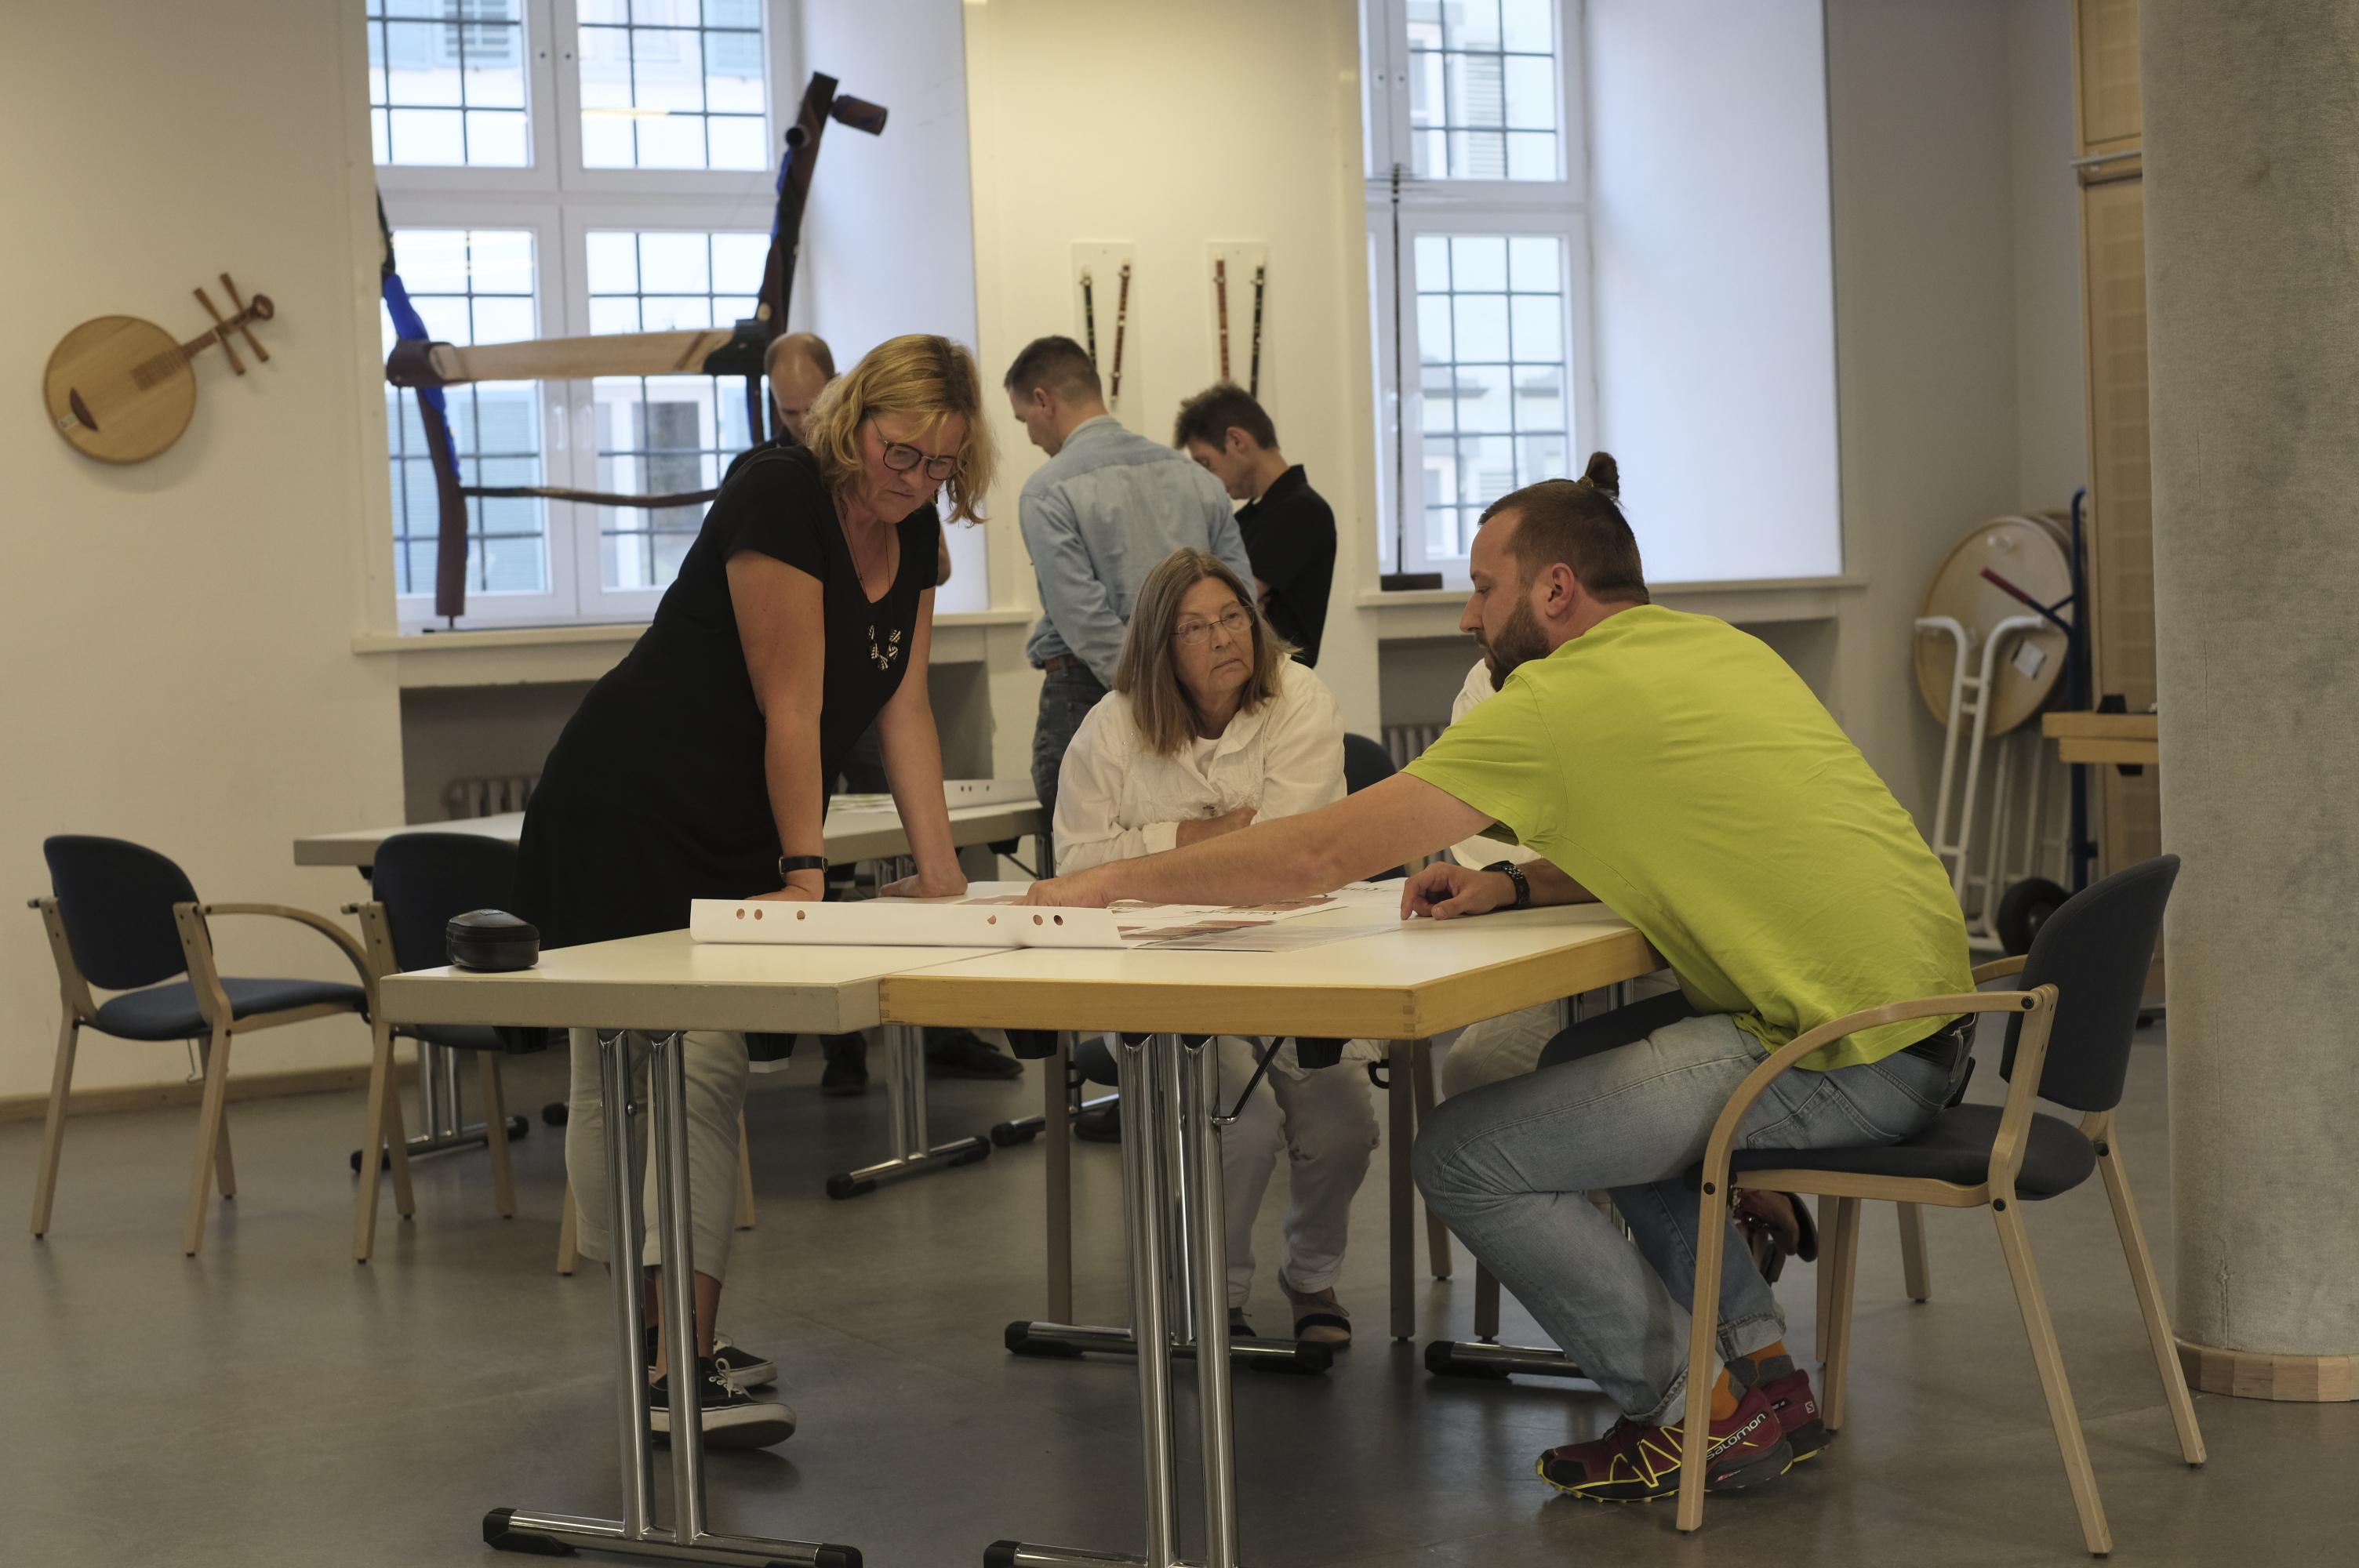 Teilnehmer*innen der Fortbildung beim Erproben von verschiedenen Aufgabenformaten